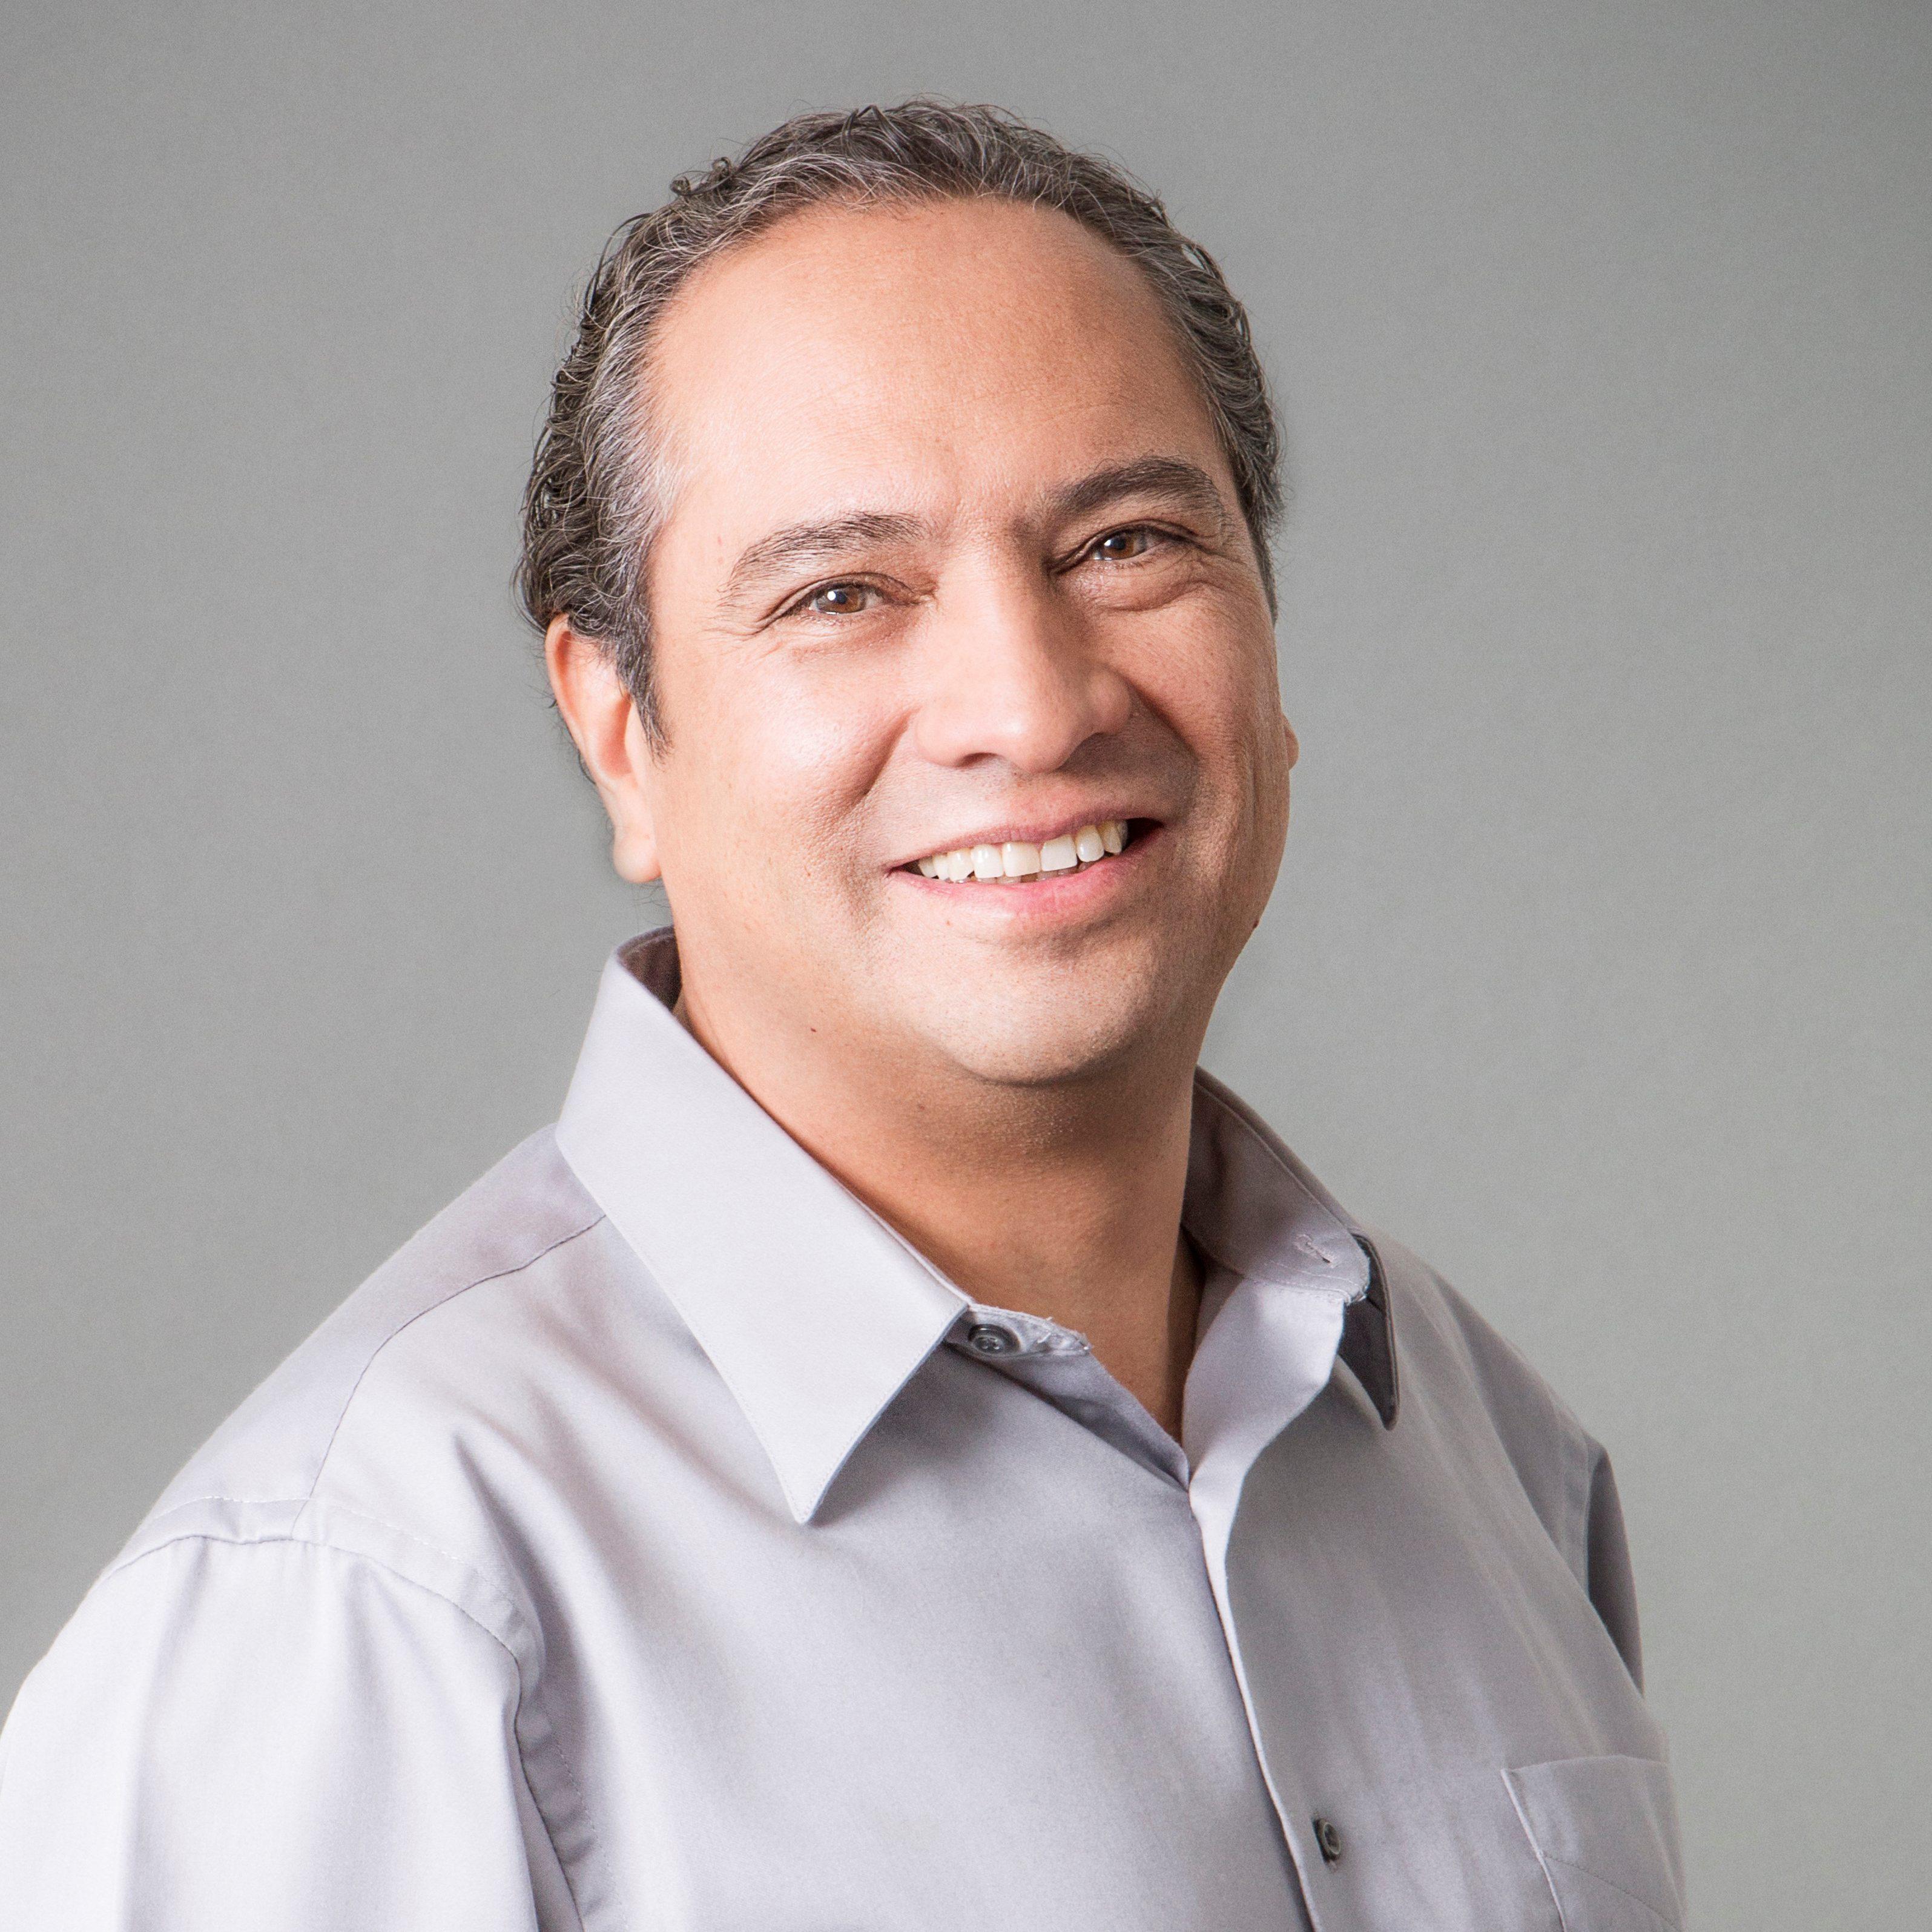 Francisco Valero Cuevas